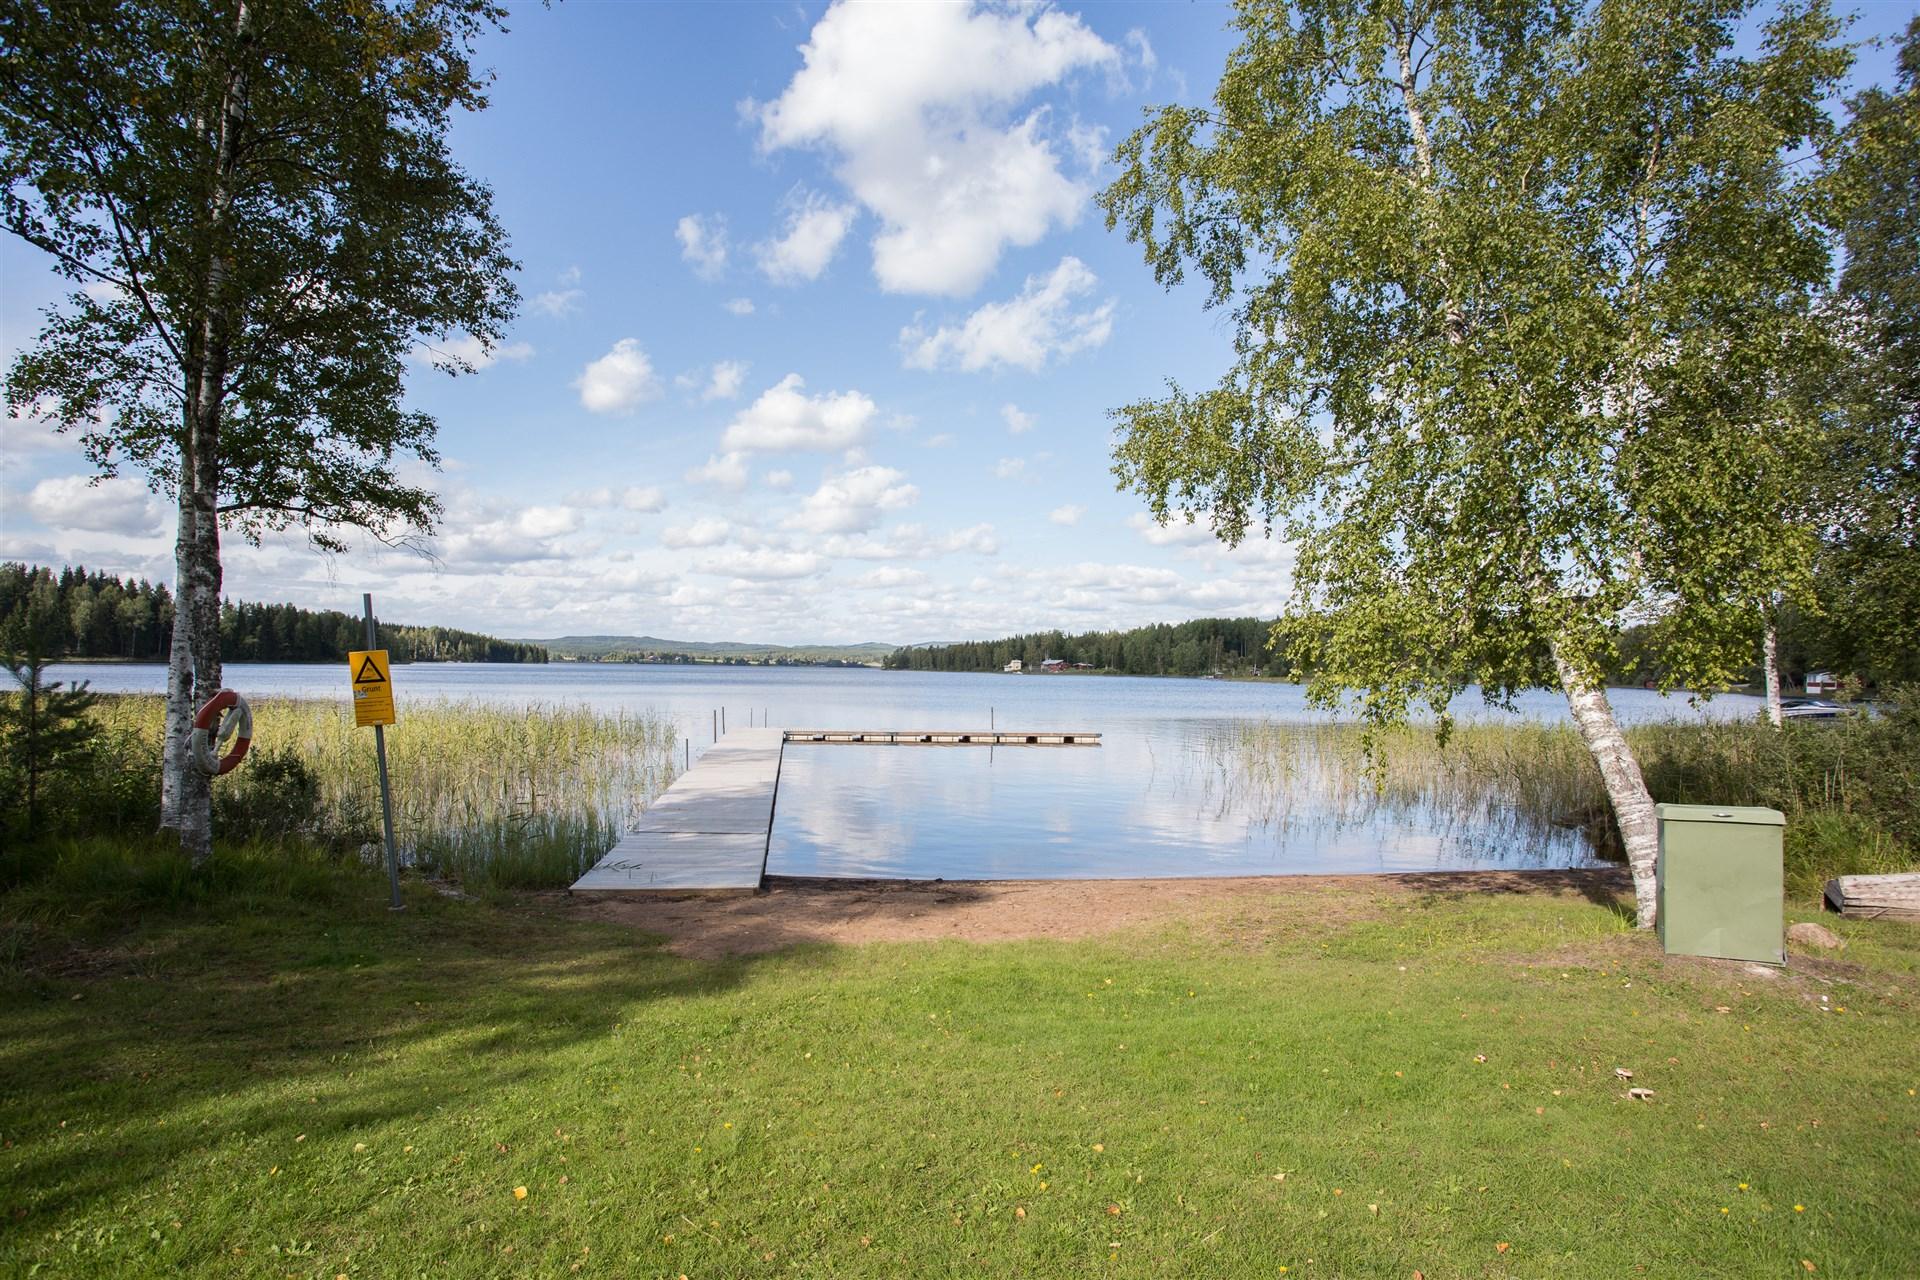 I närheten finns en större allmän badplats med fin sandstrand och brygga.